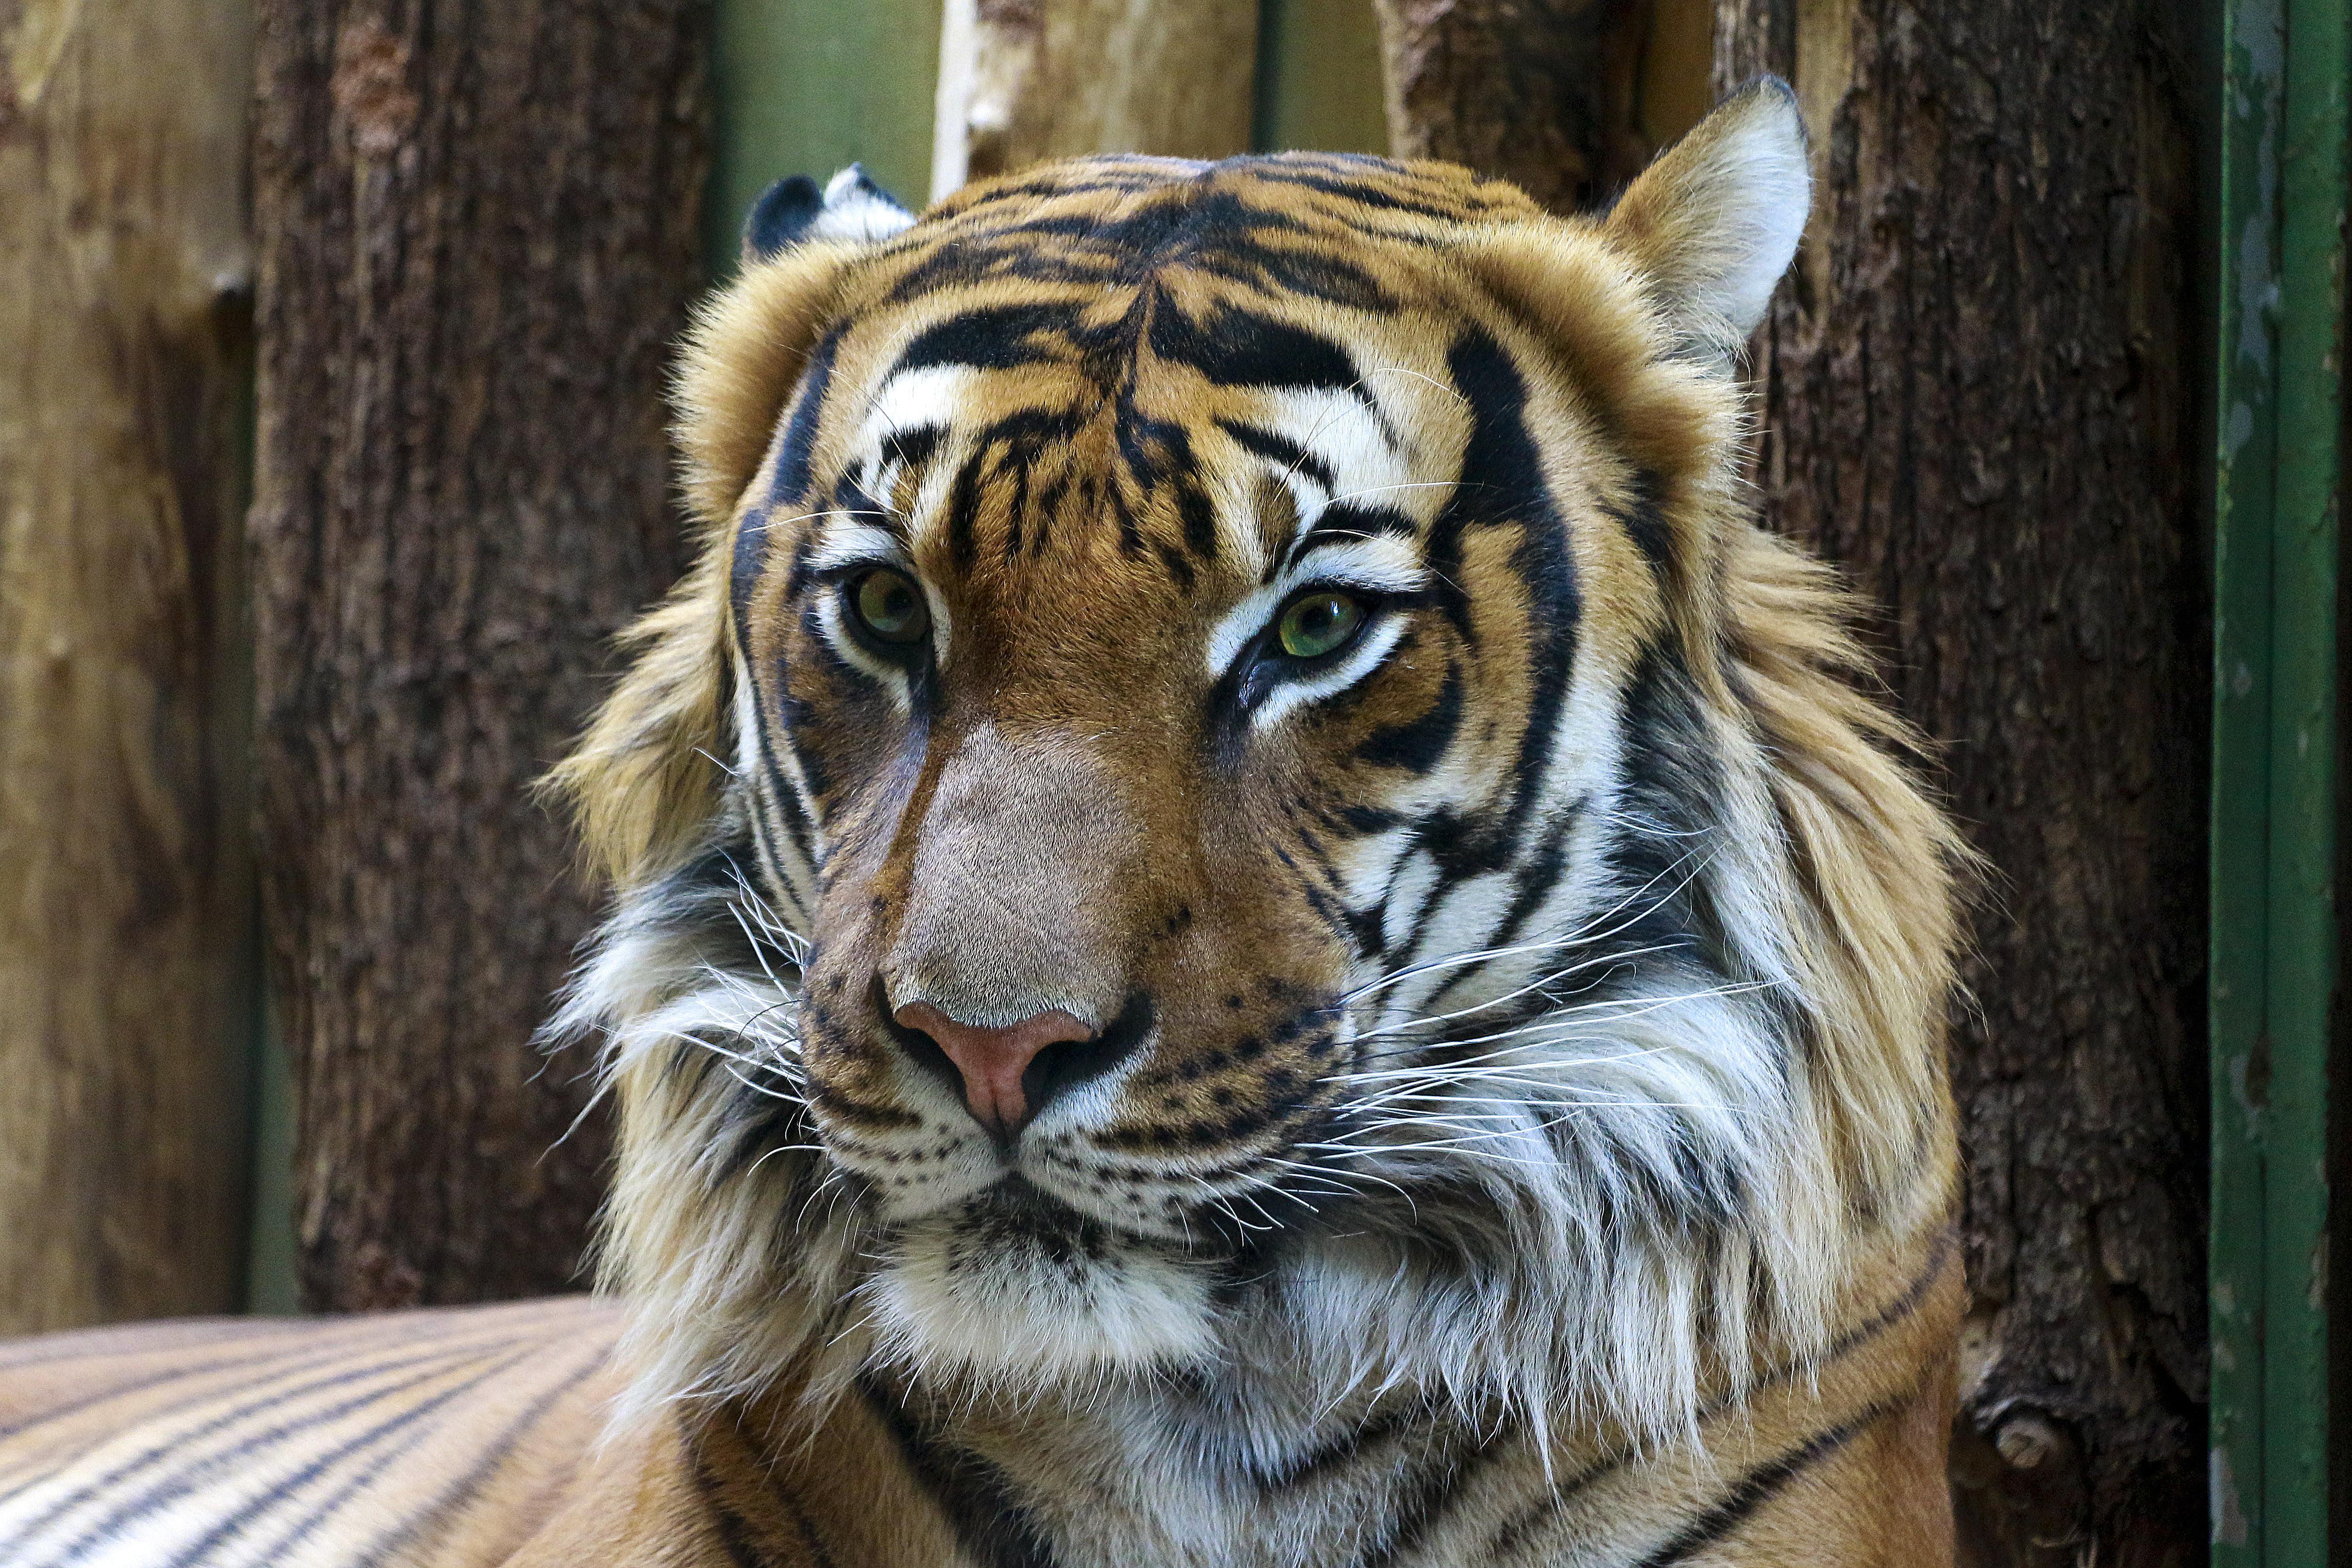 Brown tiger, Tiger, Muzzle, Predator HD wallpaper | Wallpaper Flare